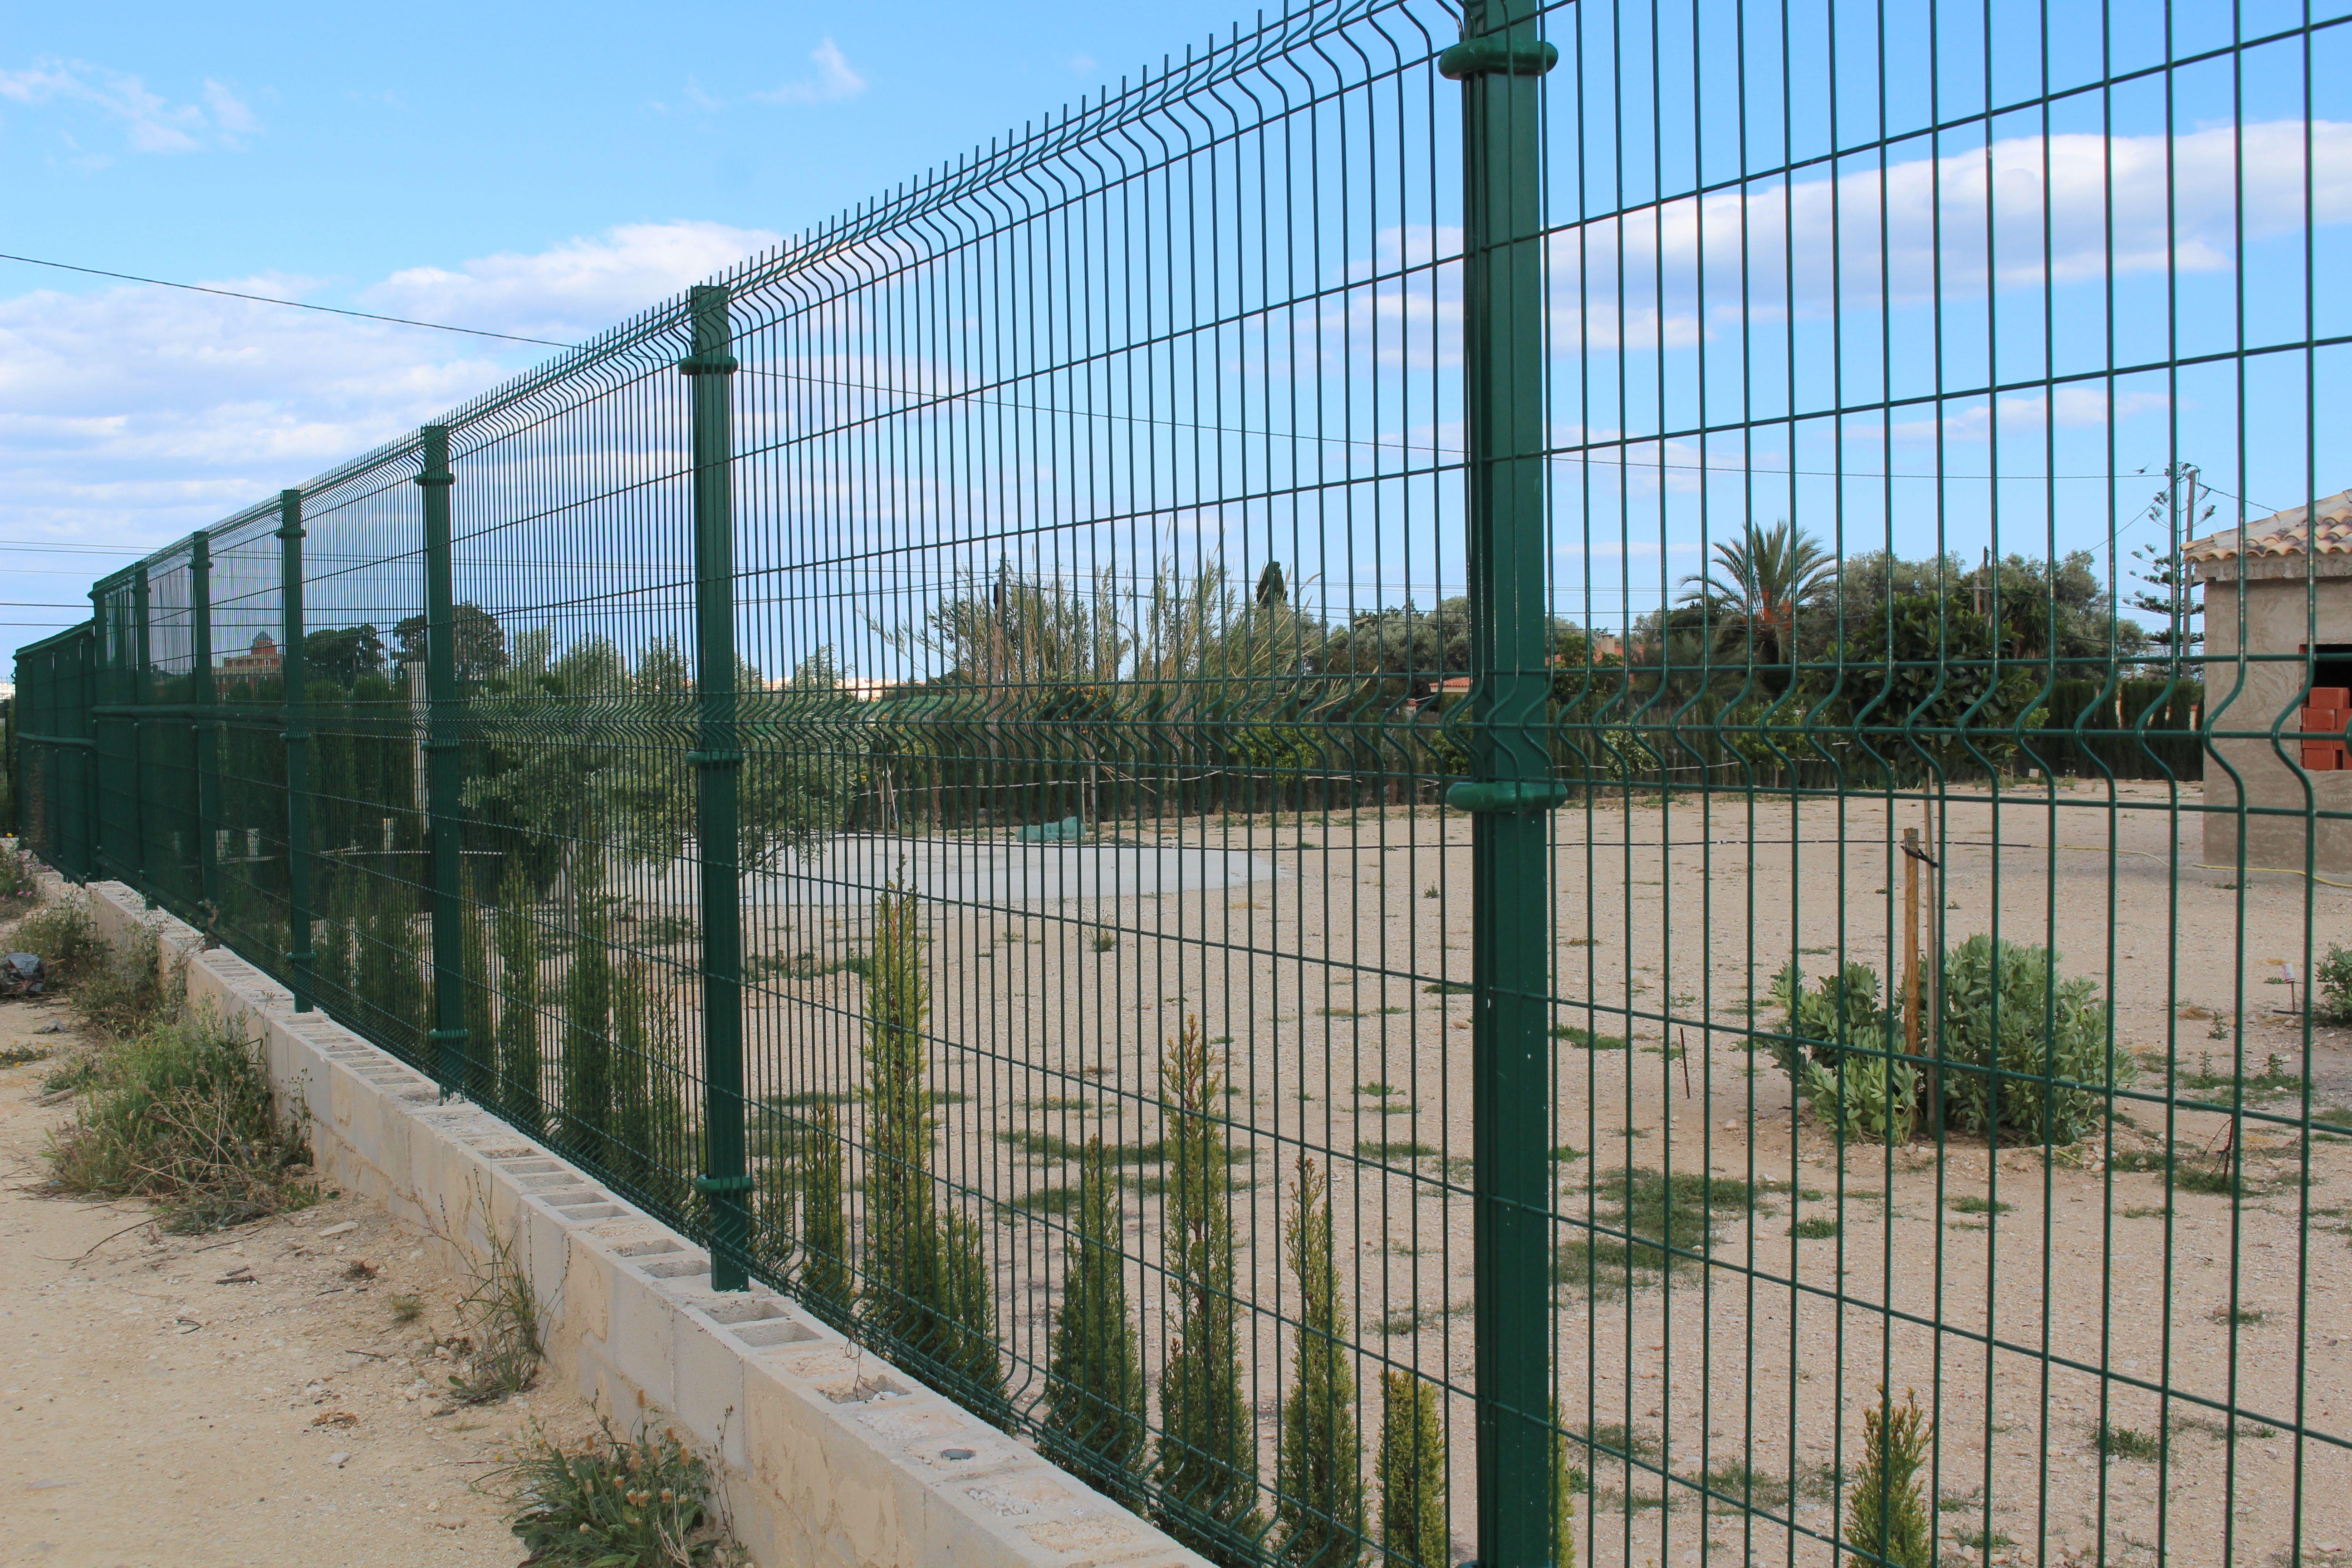 Vallas metálicas duraderas y resistentes en Alicante